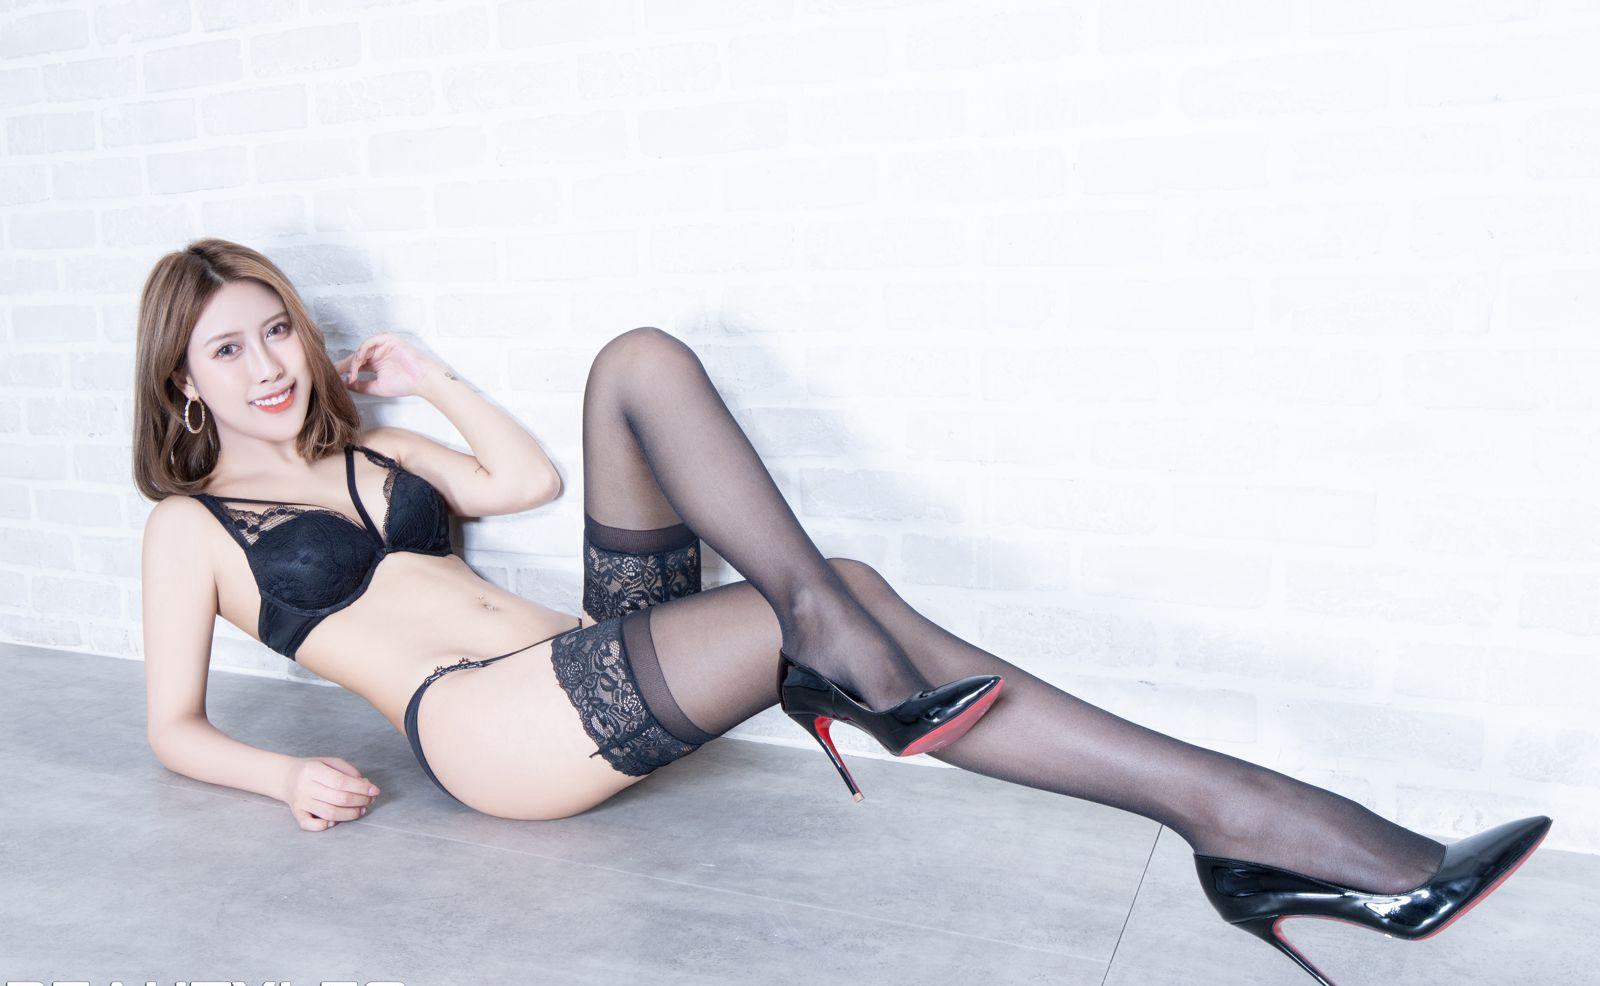 中国美女Beautyleg]性感腿模Amber诱惑黑丝高跟性感丁字裤写真